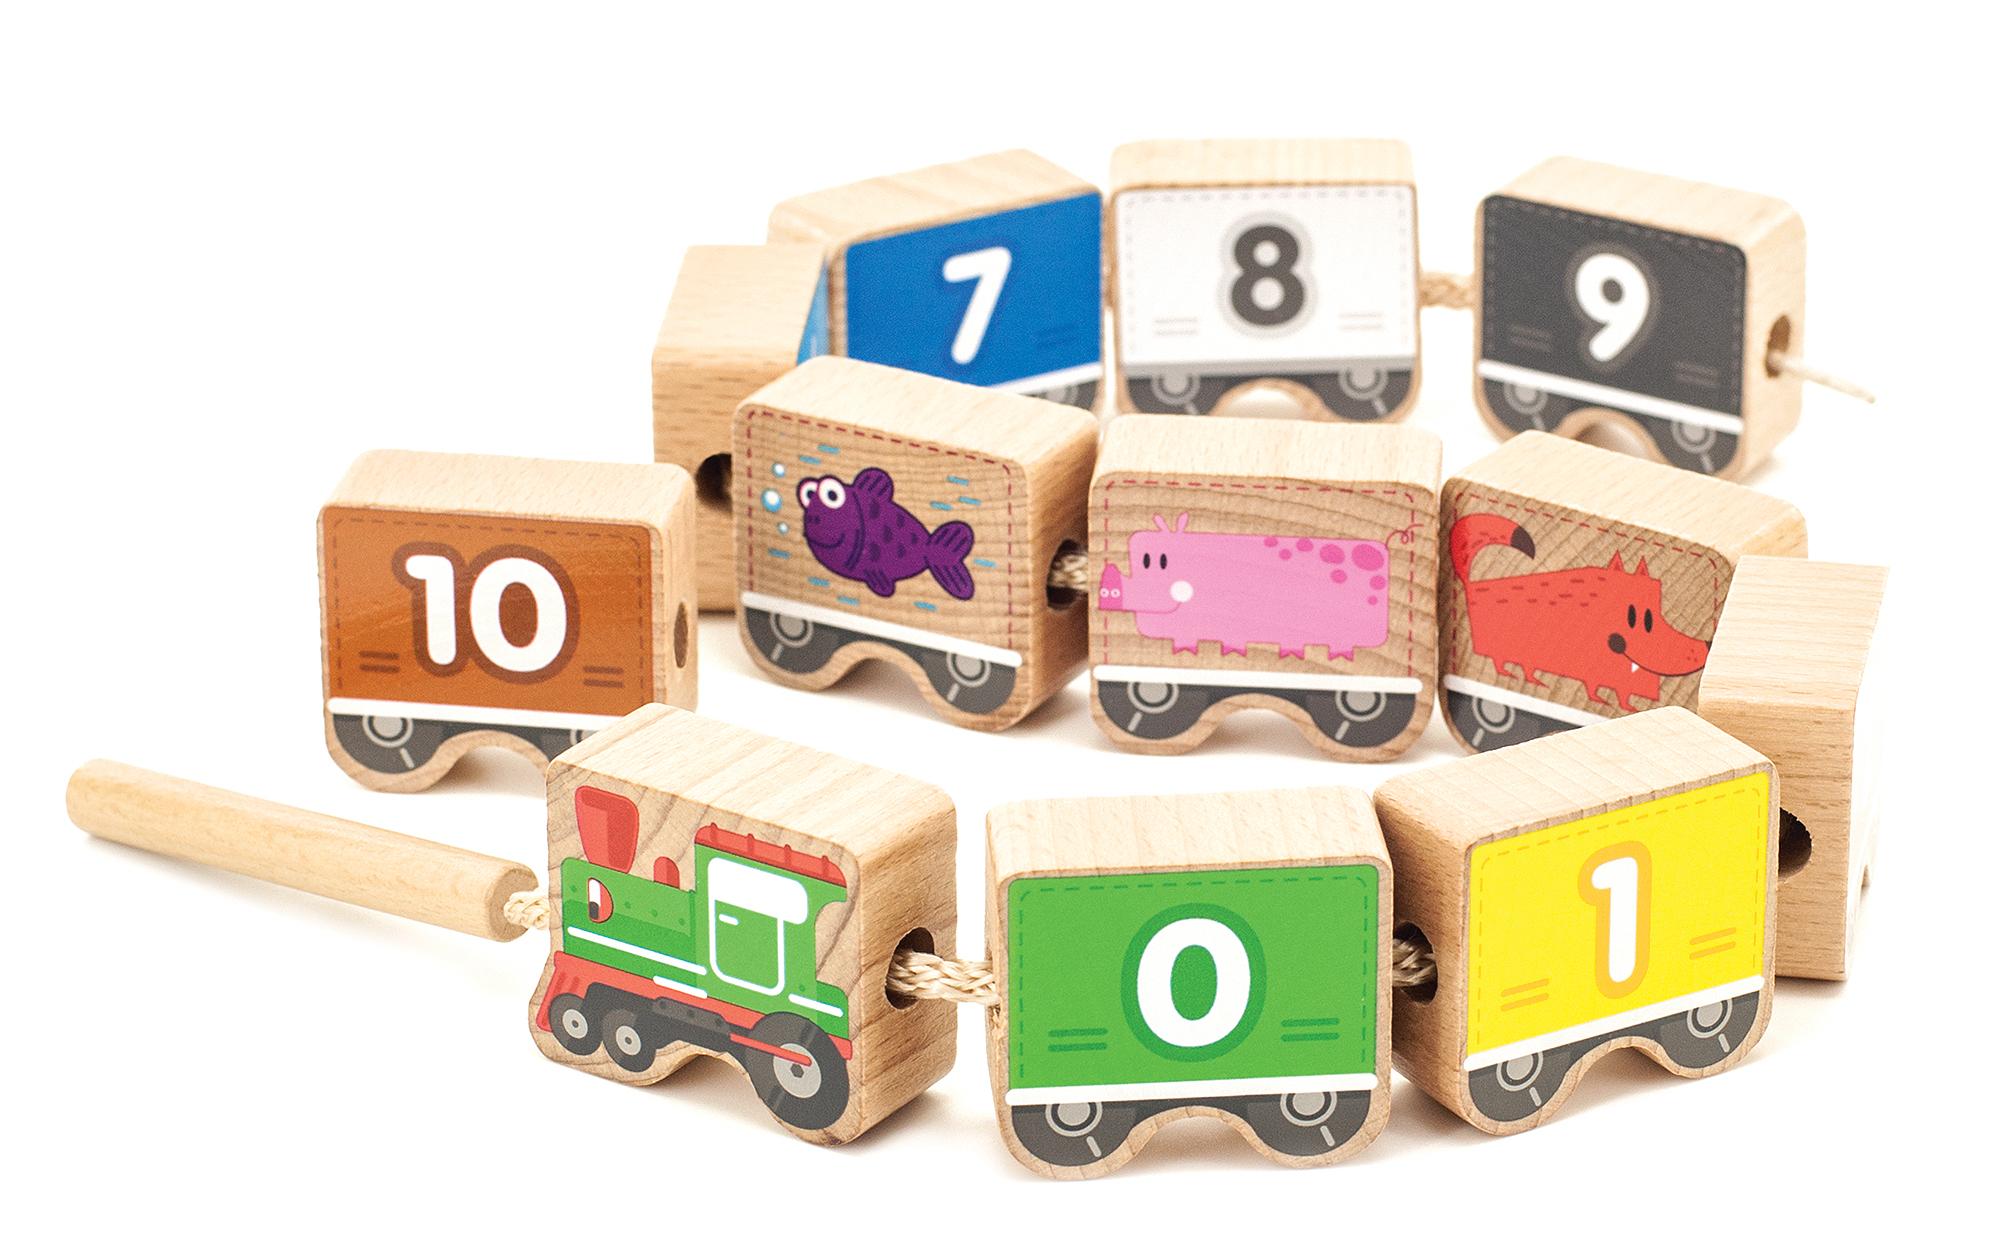 Паровозик шнуровка-цифры МДИ - Комплект: 12 деталей, шнурок с деревянной иглой. Из чего сделана игрушка (состав): дерево, текстиль. Размер упаковки: 22 х 13 х 10 см.